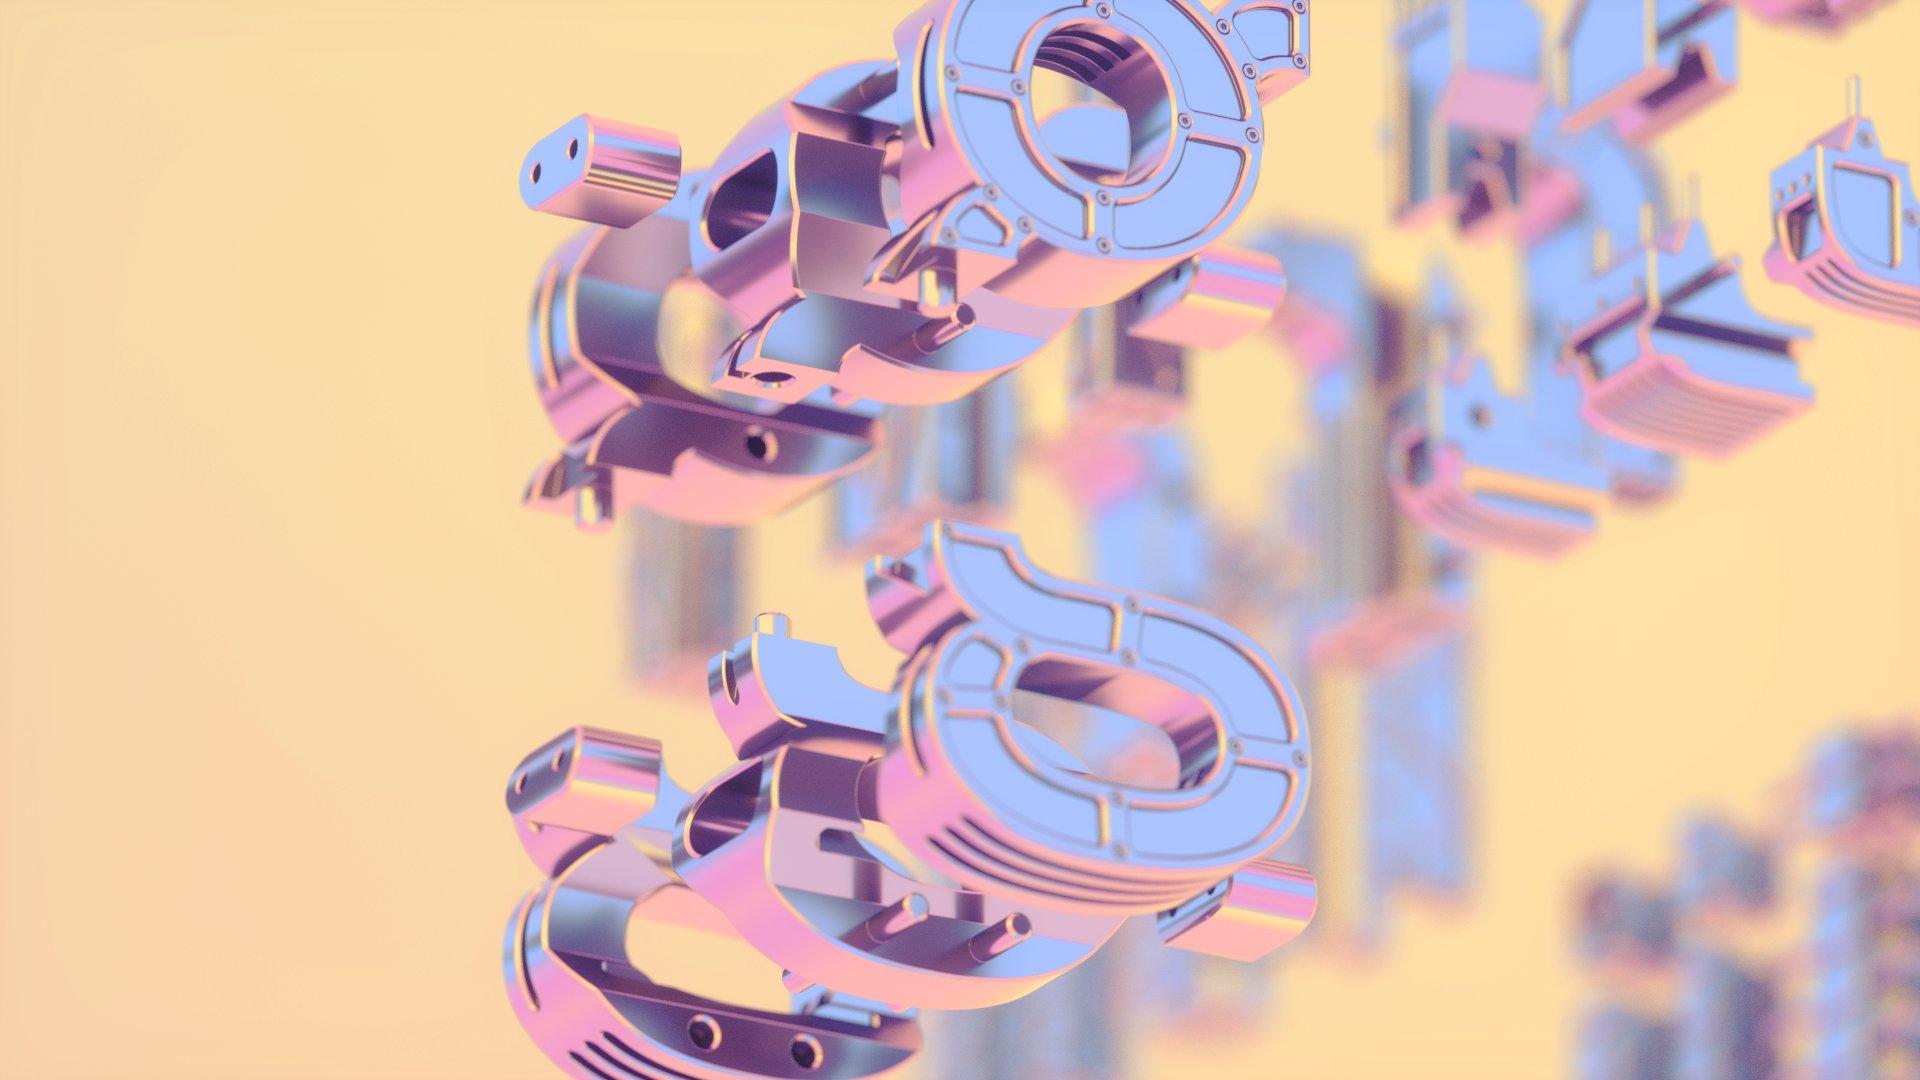 cognition_machine_still_web_8